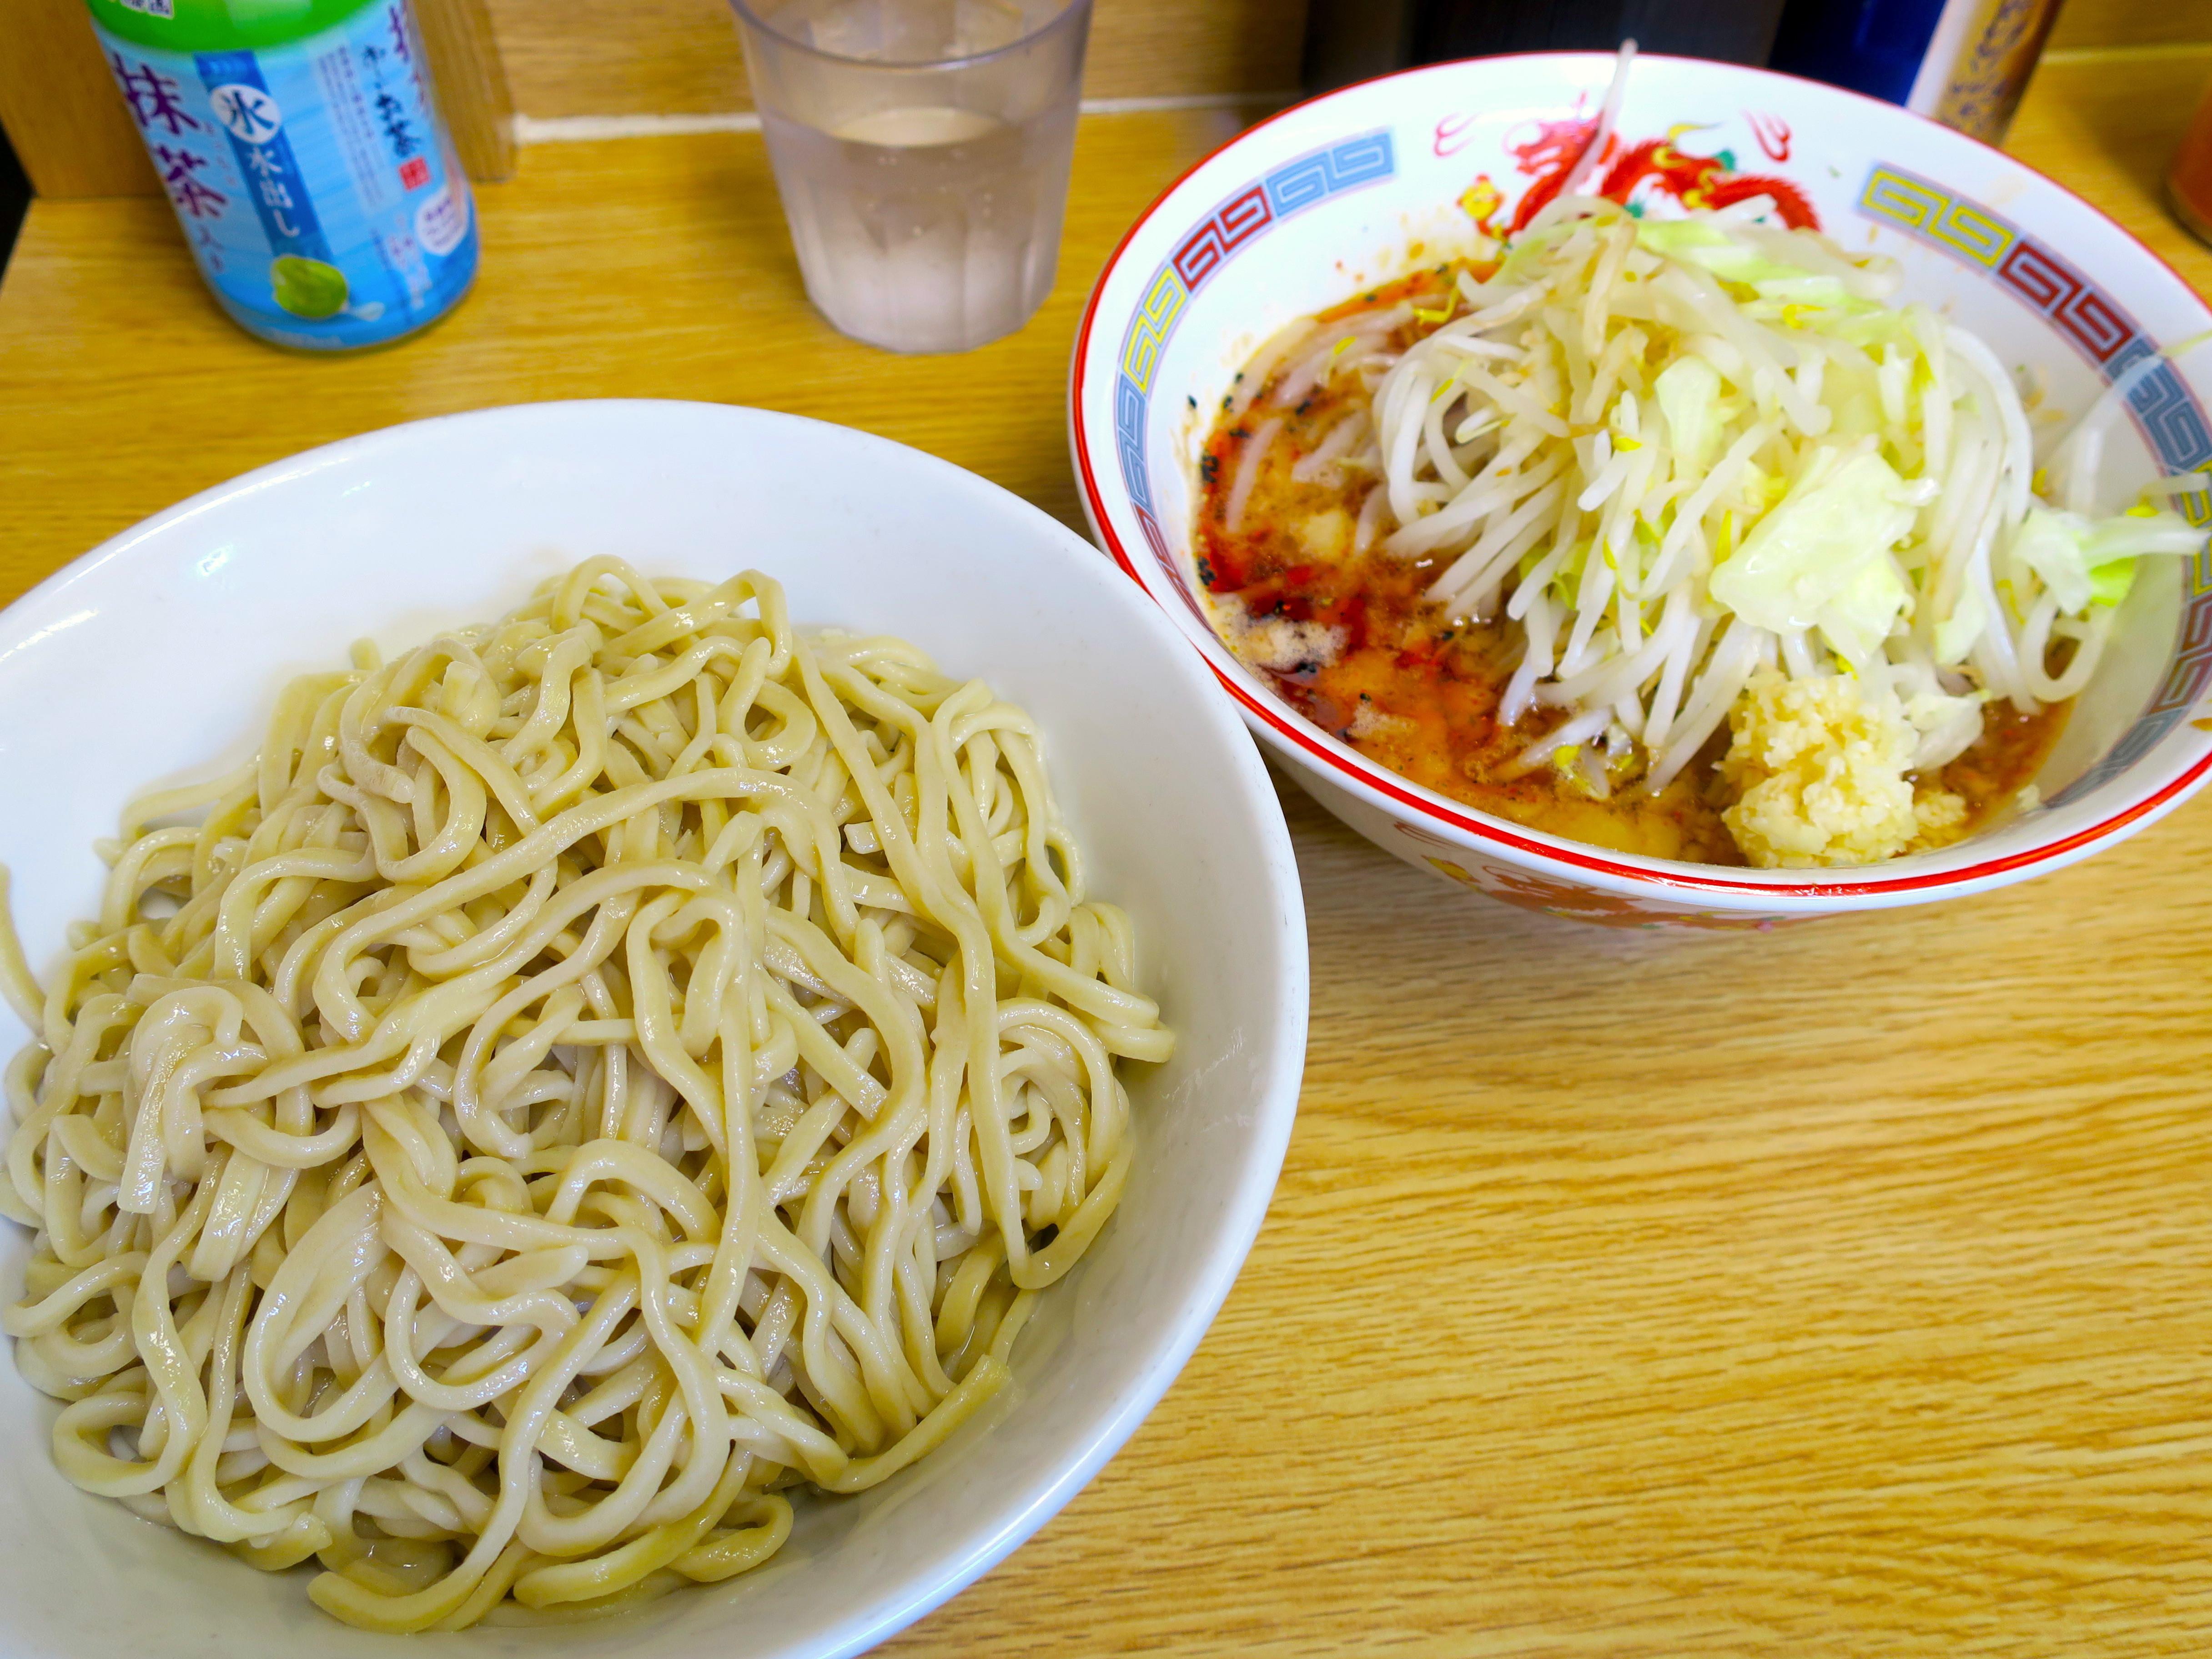 170710栃木街道店1